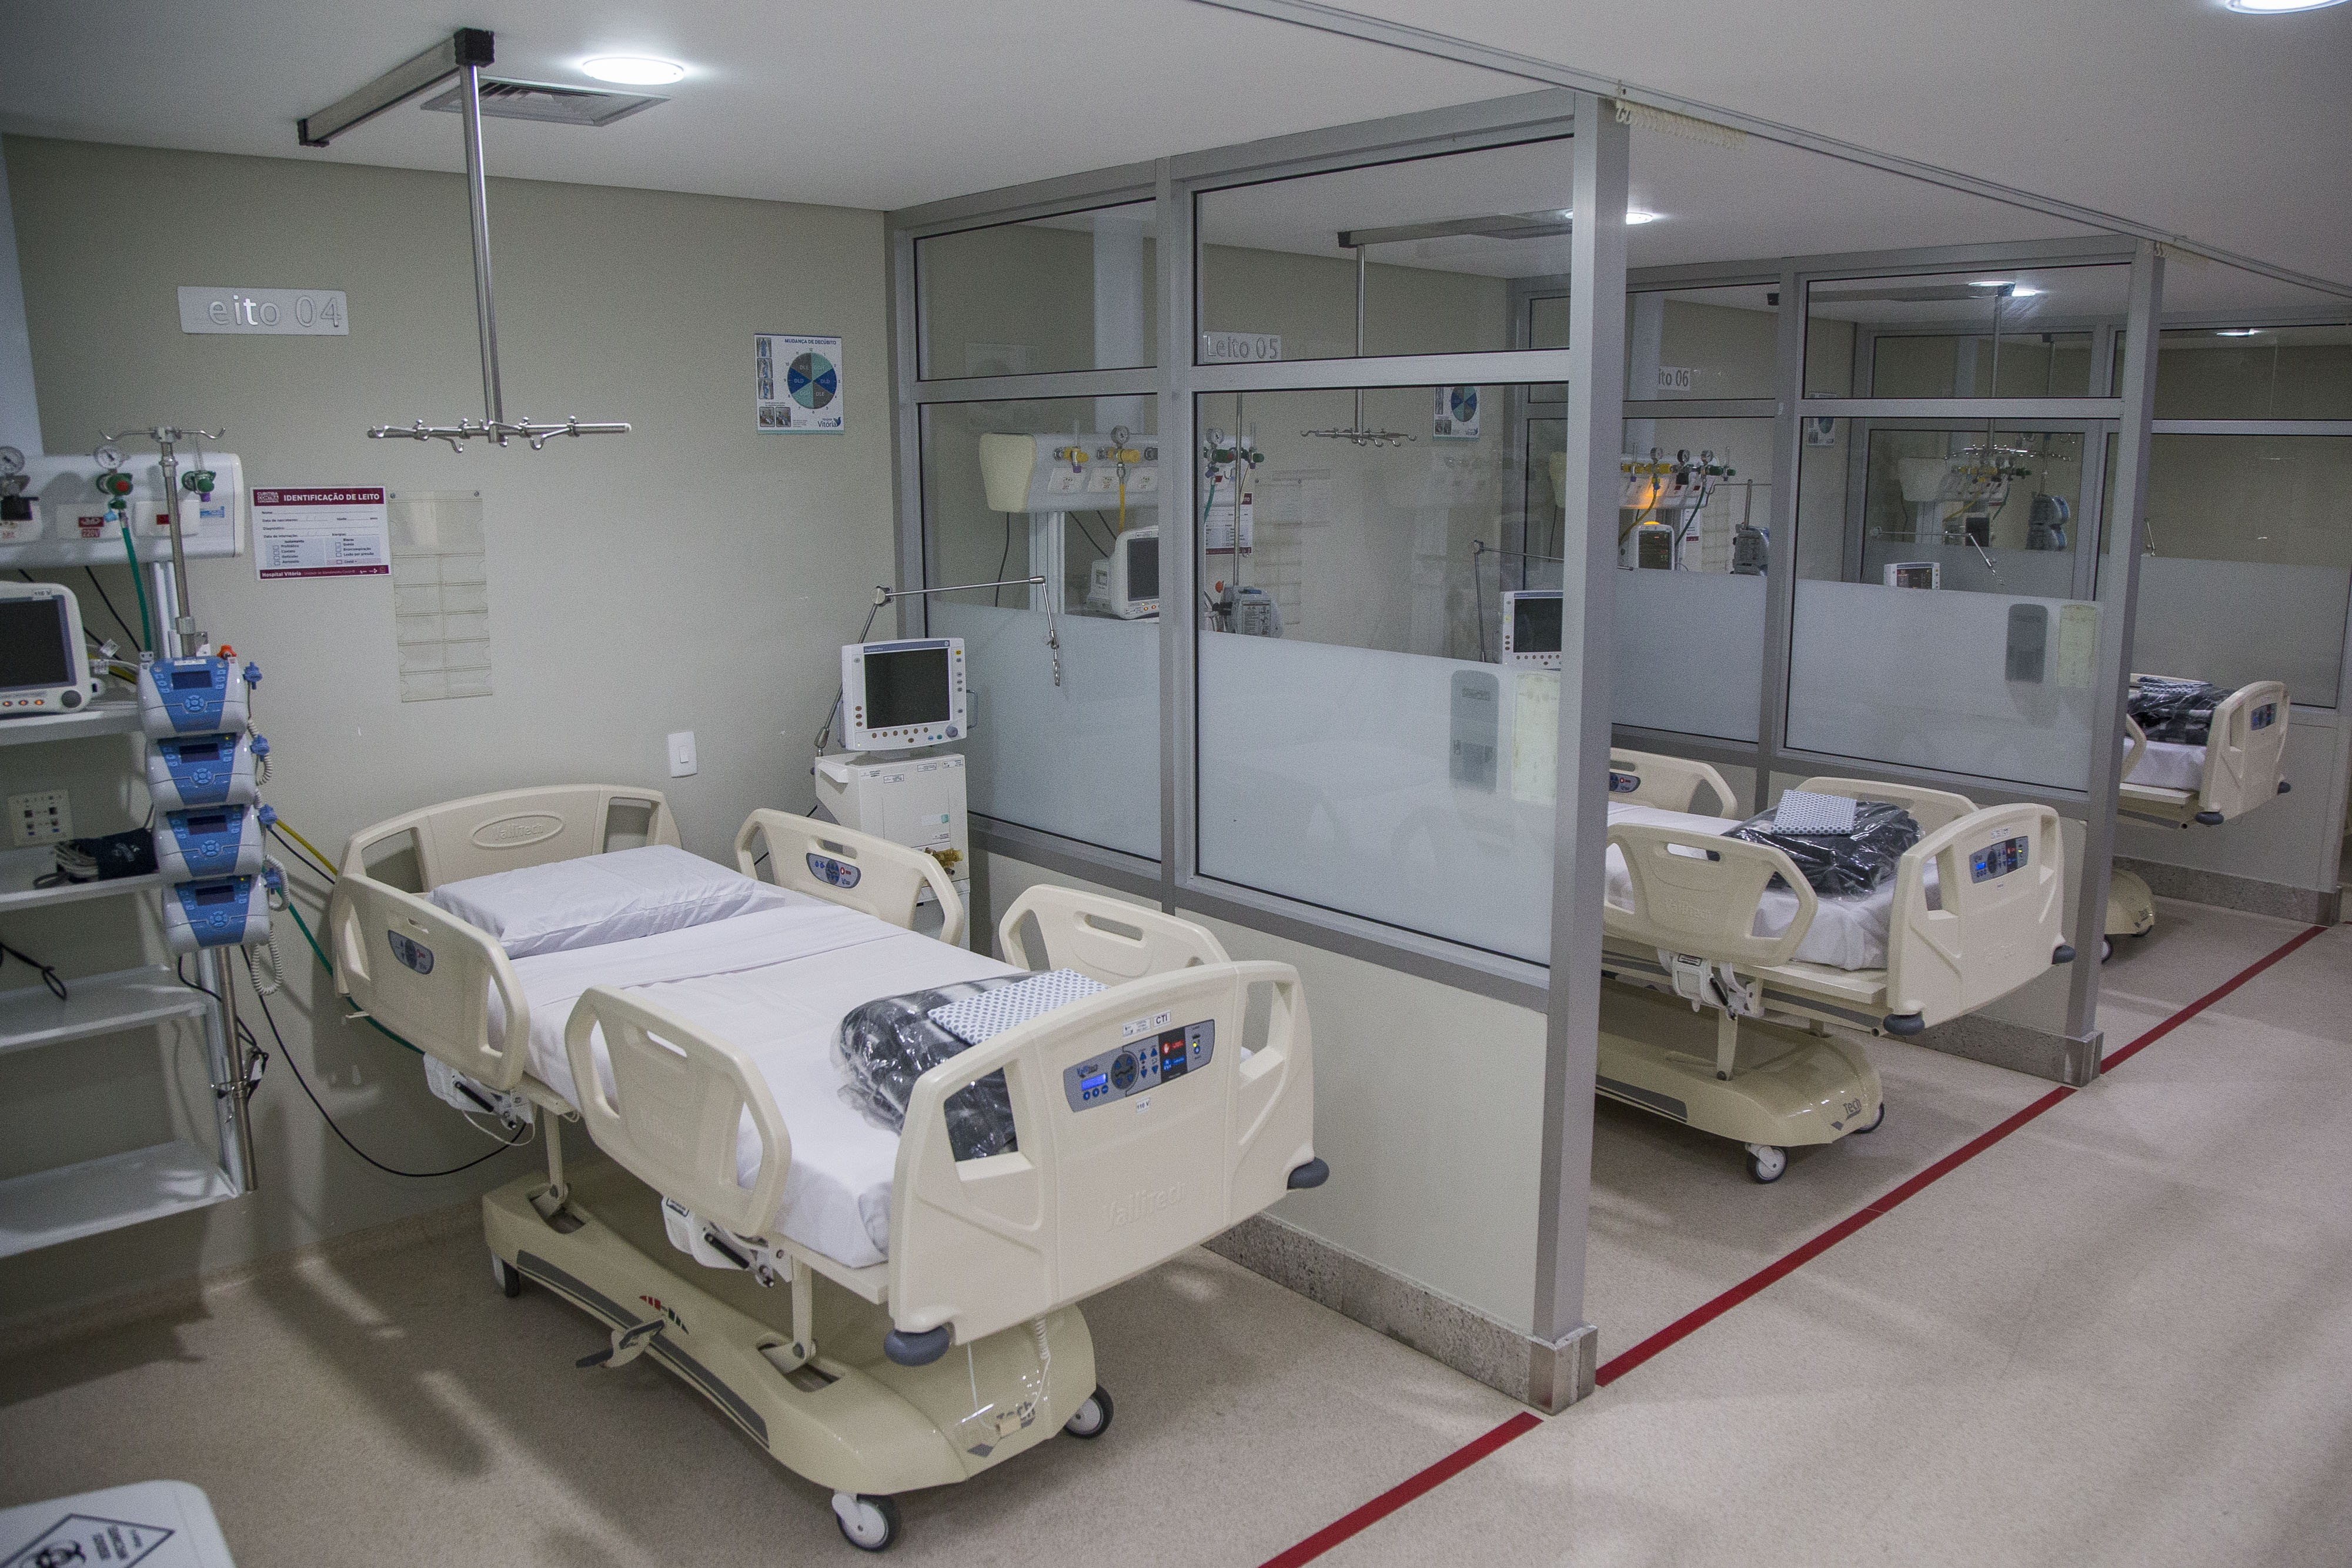 Taxa de ocupação de leitos do SUS, em Curitiba, para tratamento da Covid-19 se mantém acima de 90%